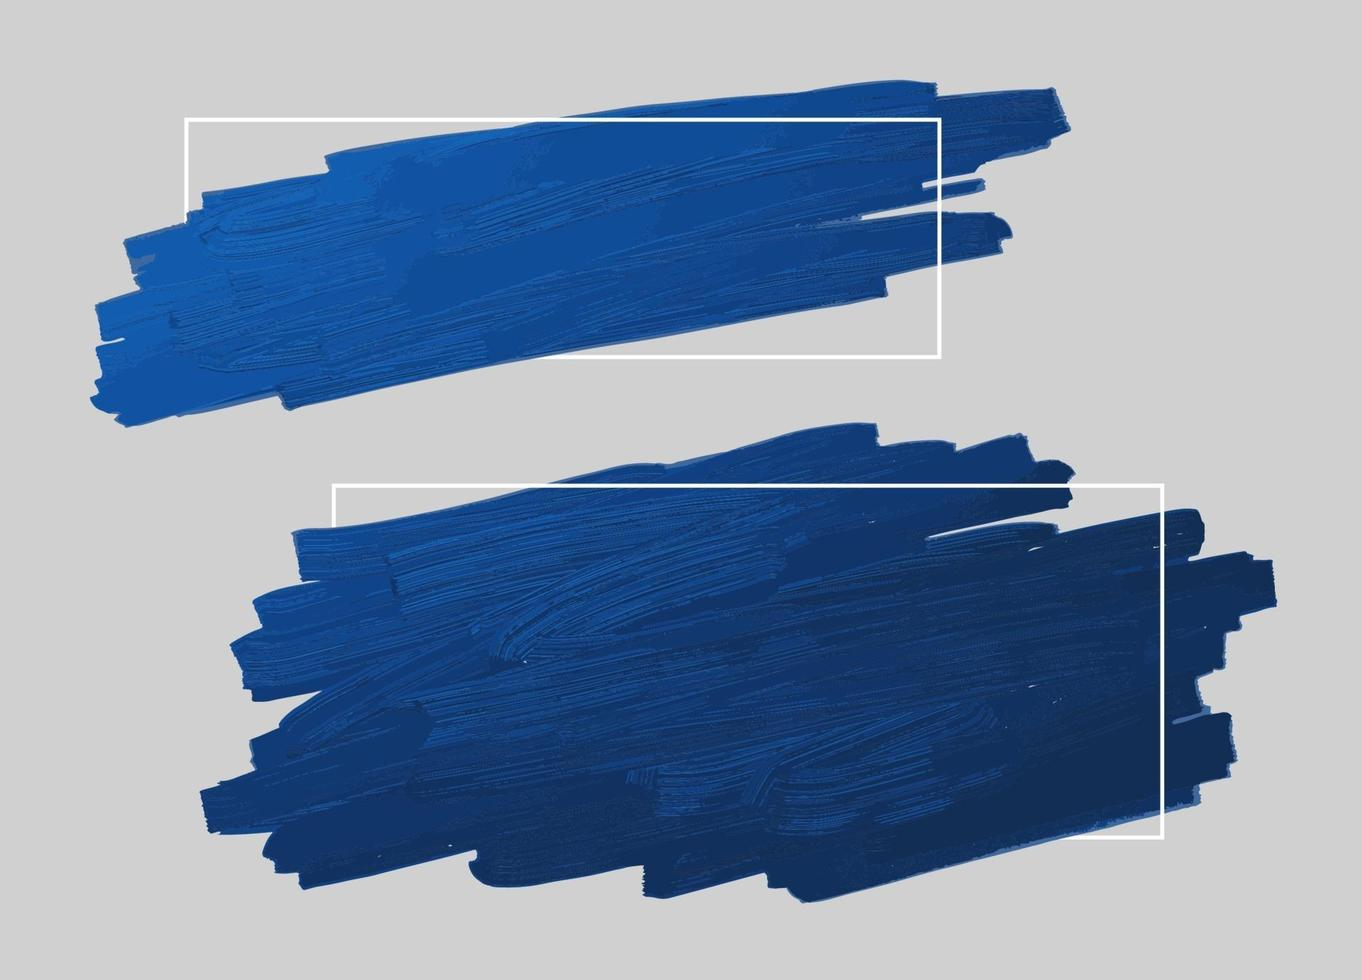 blå penseldrag och linje ram med kopia utrymme vektorillustration vektor